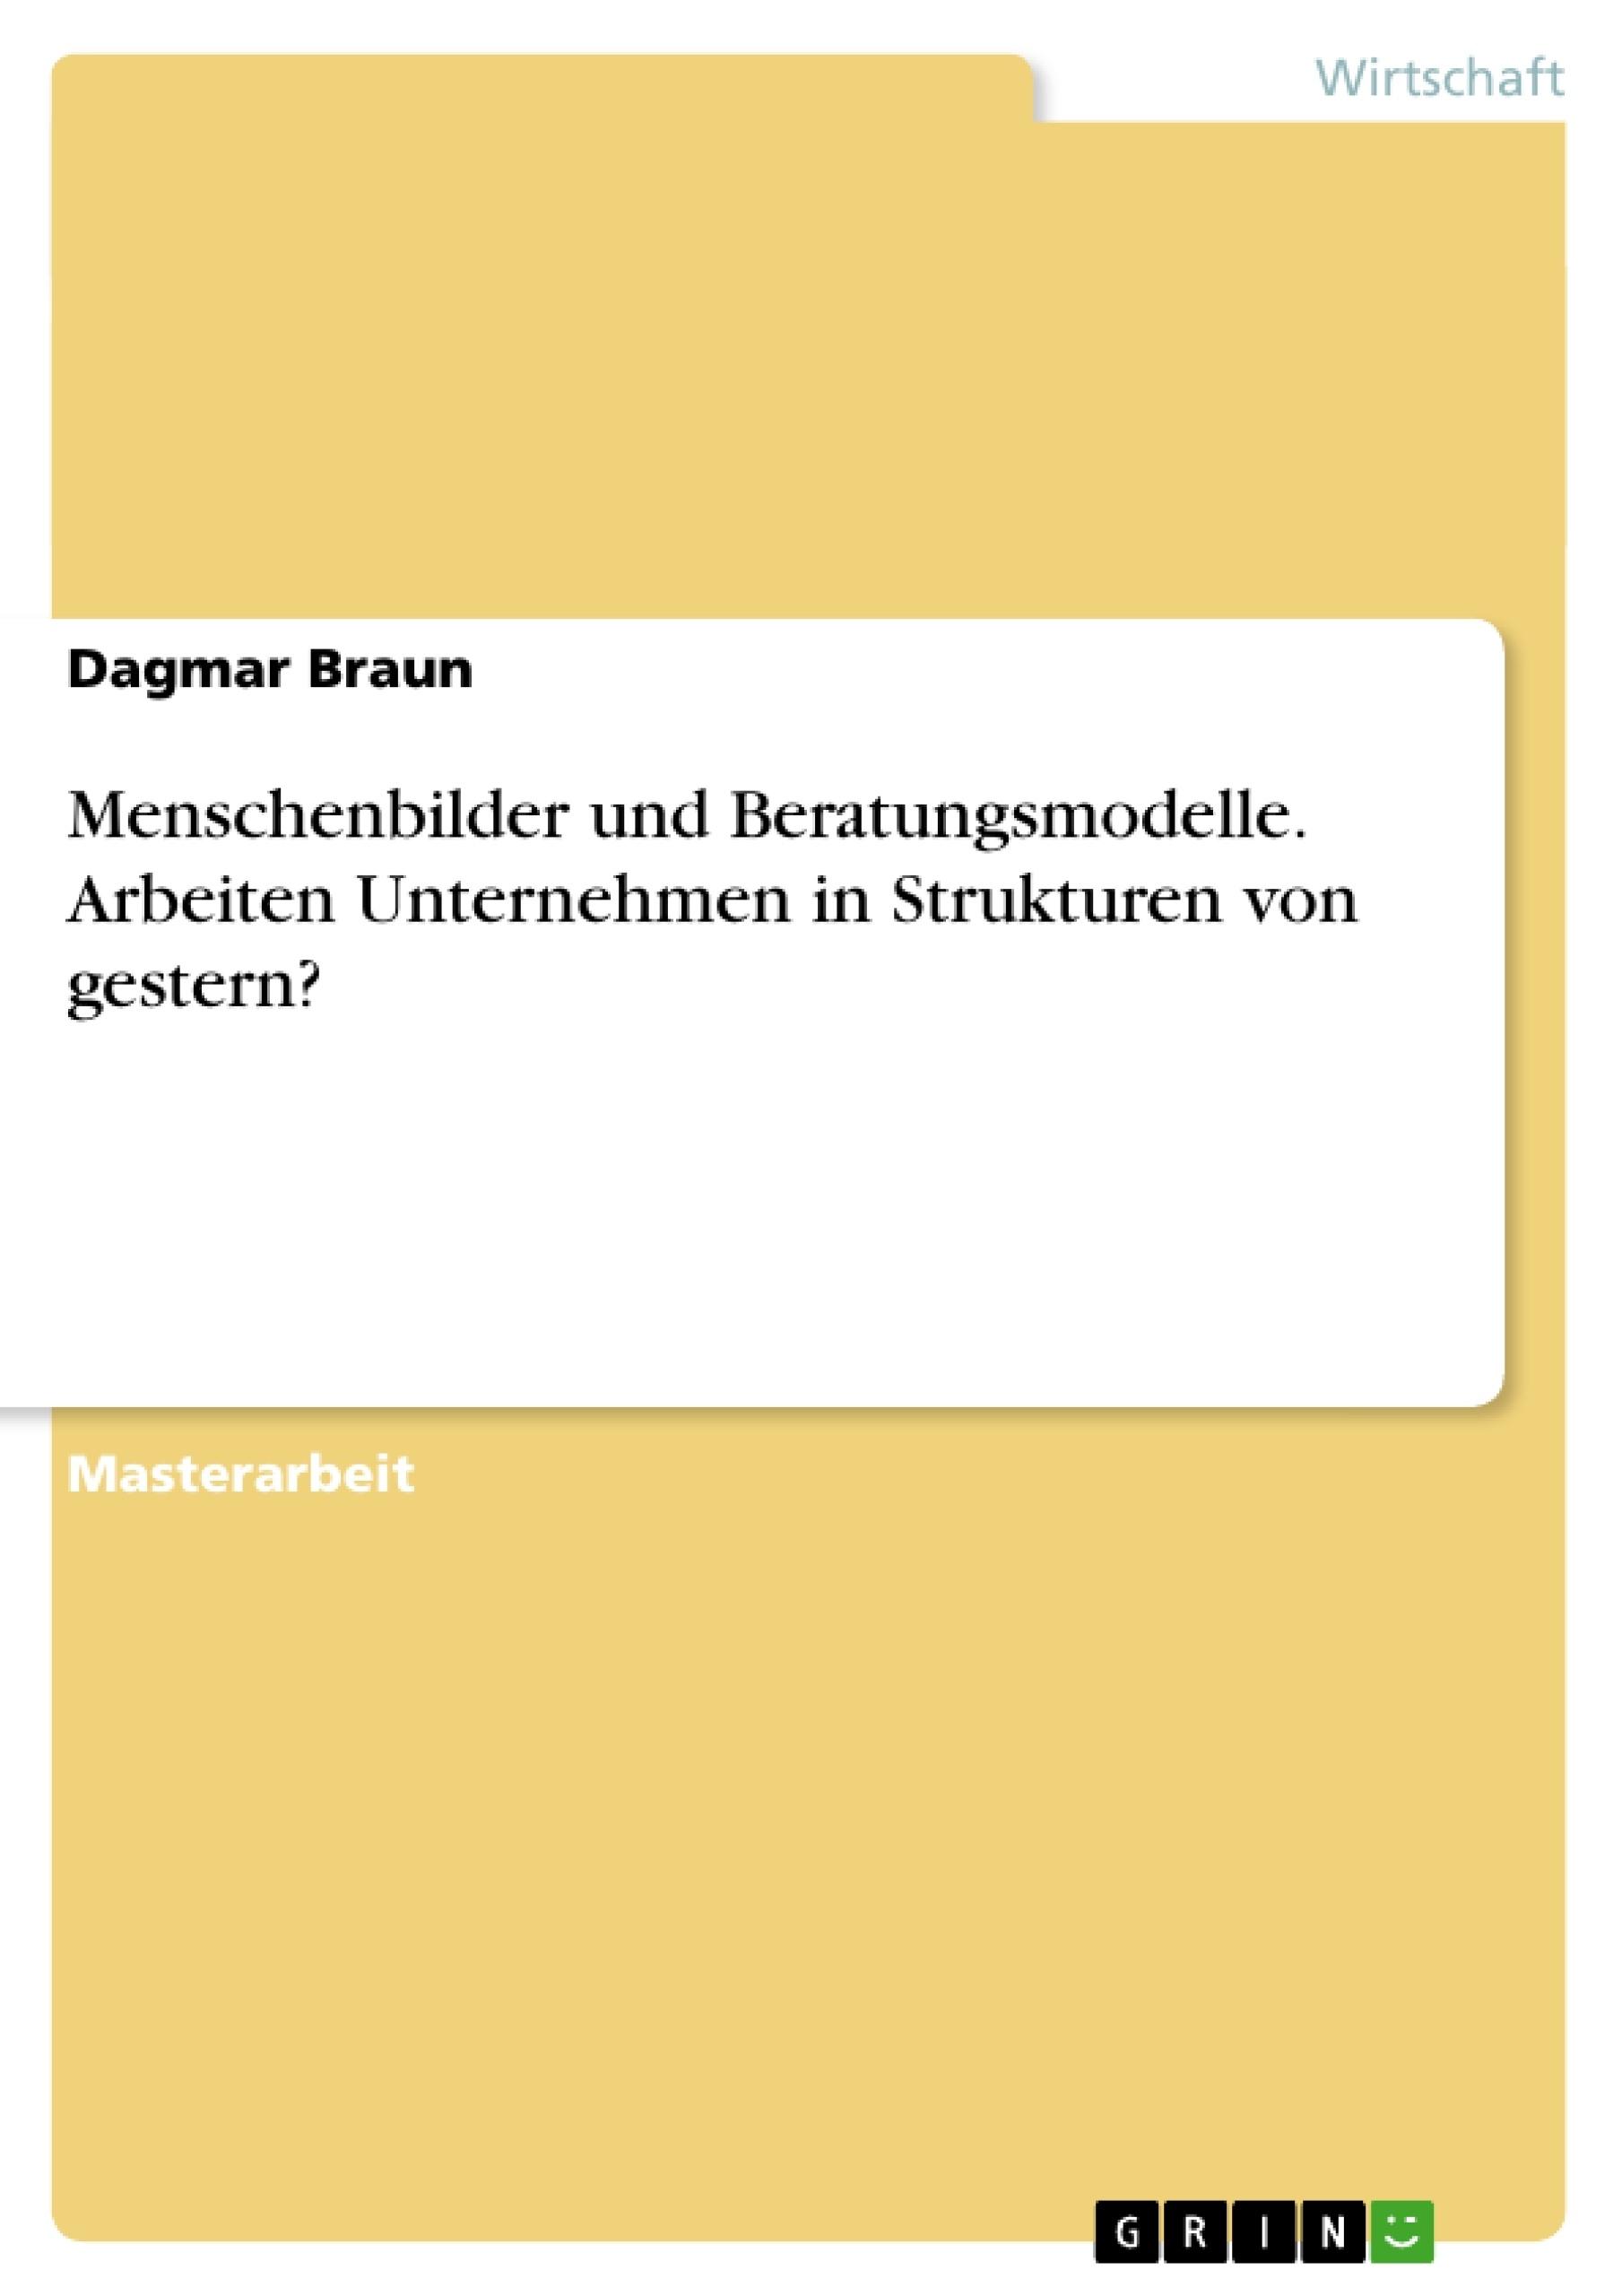 Titel: Menschenbilder und Beratungsmodelle. Arbeiten Unternehmen in Strukturen von gestern?